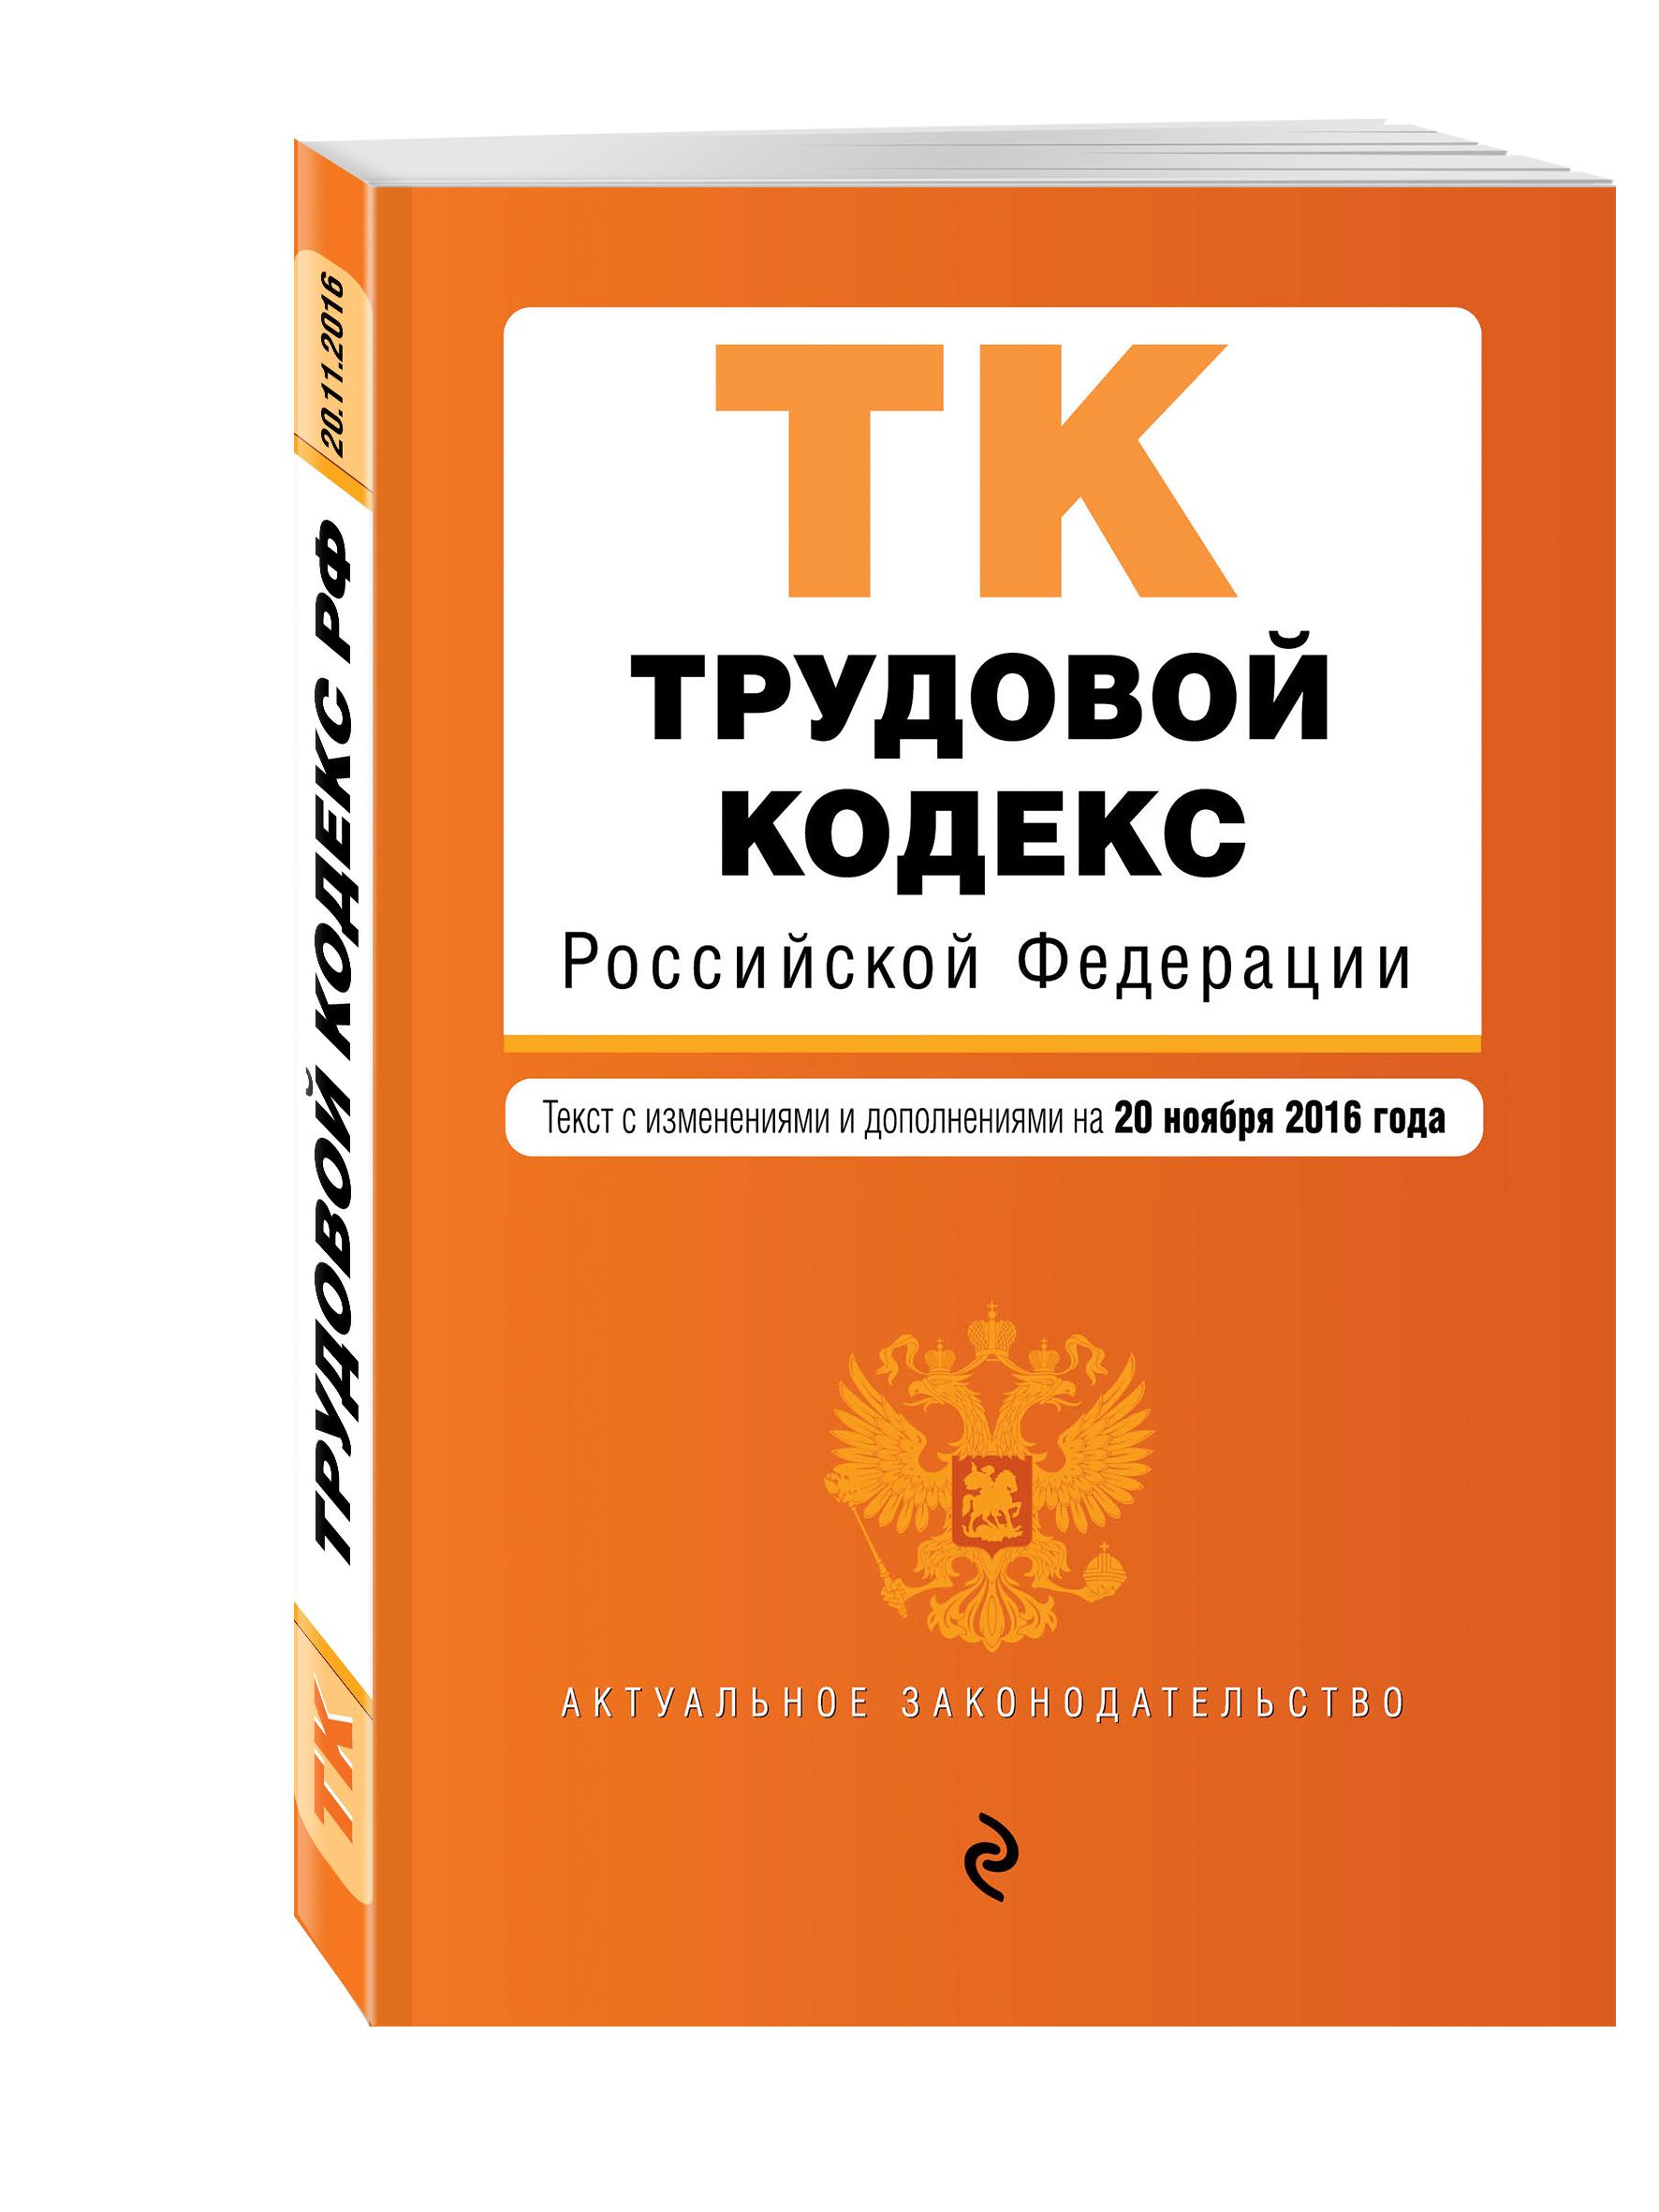 Трудовой кодекс Российской Федерации : текст с изм. и доп. на 20 ноября 2016 г.